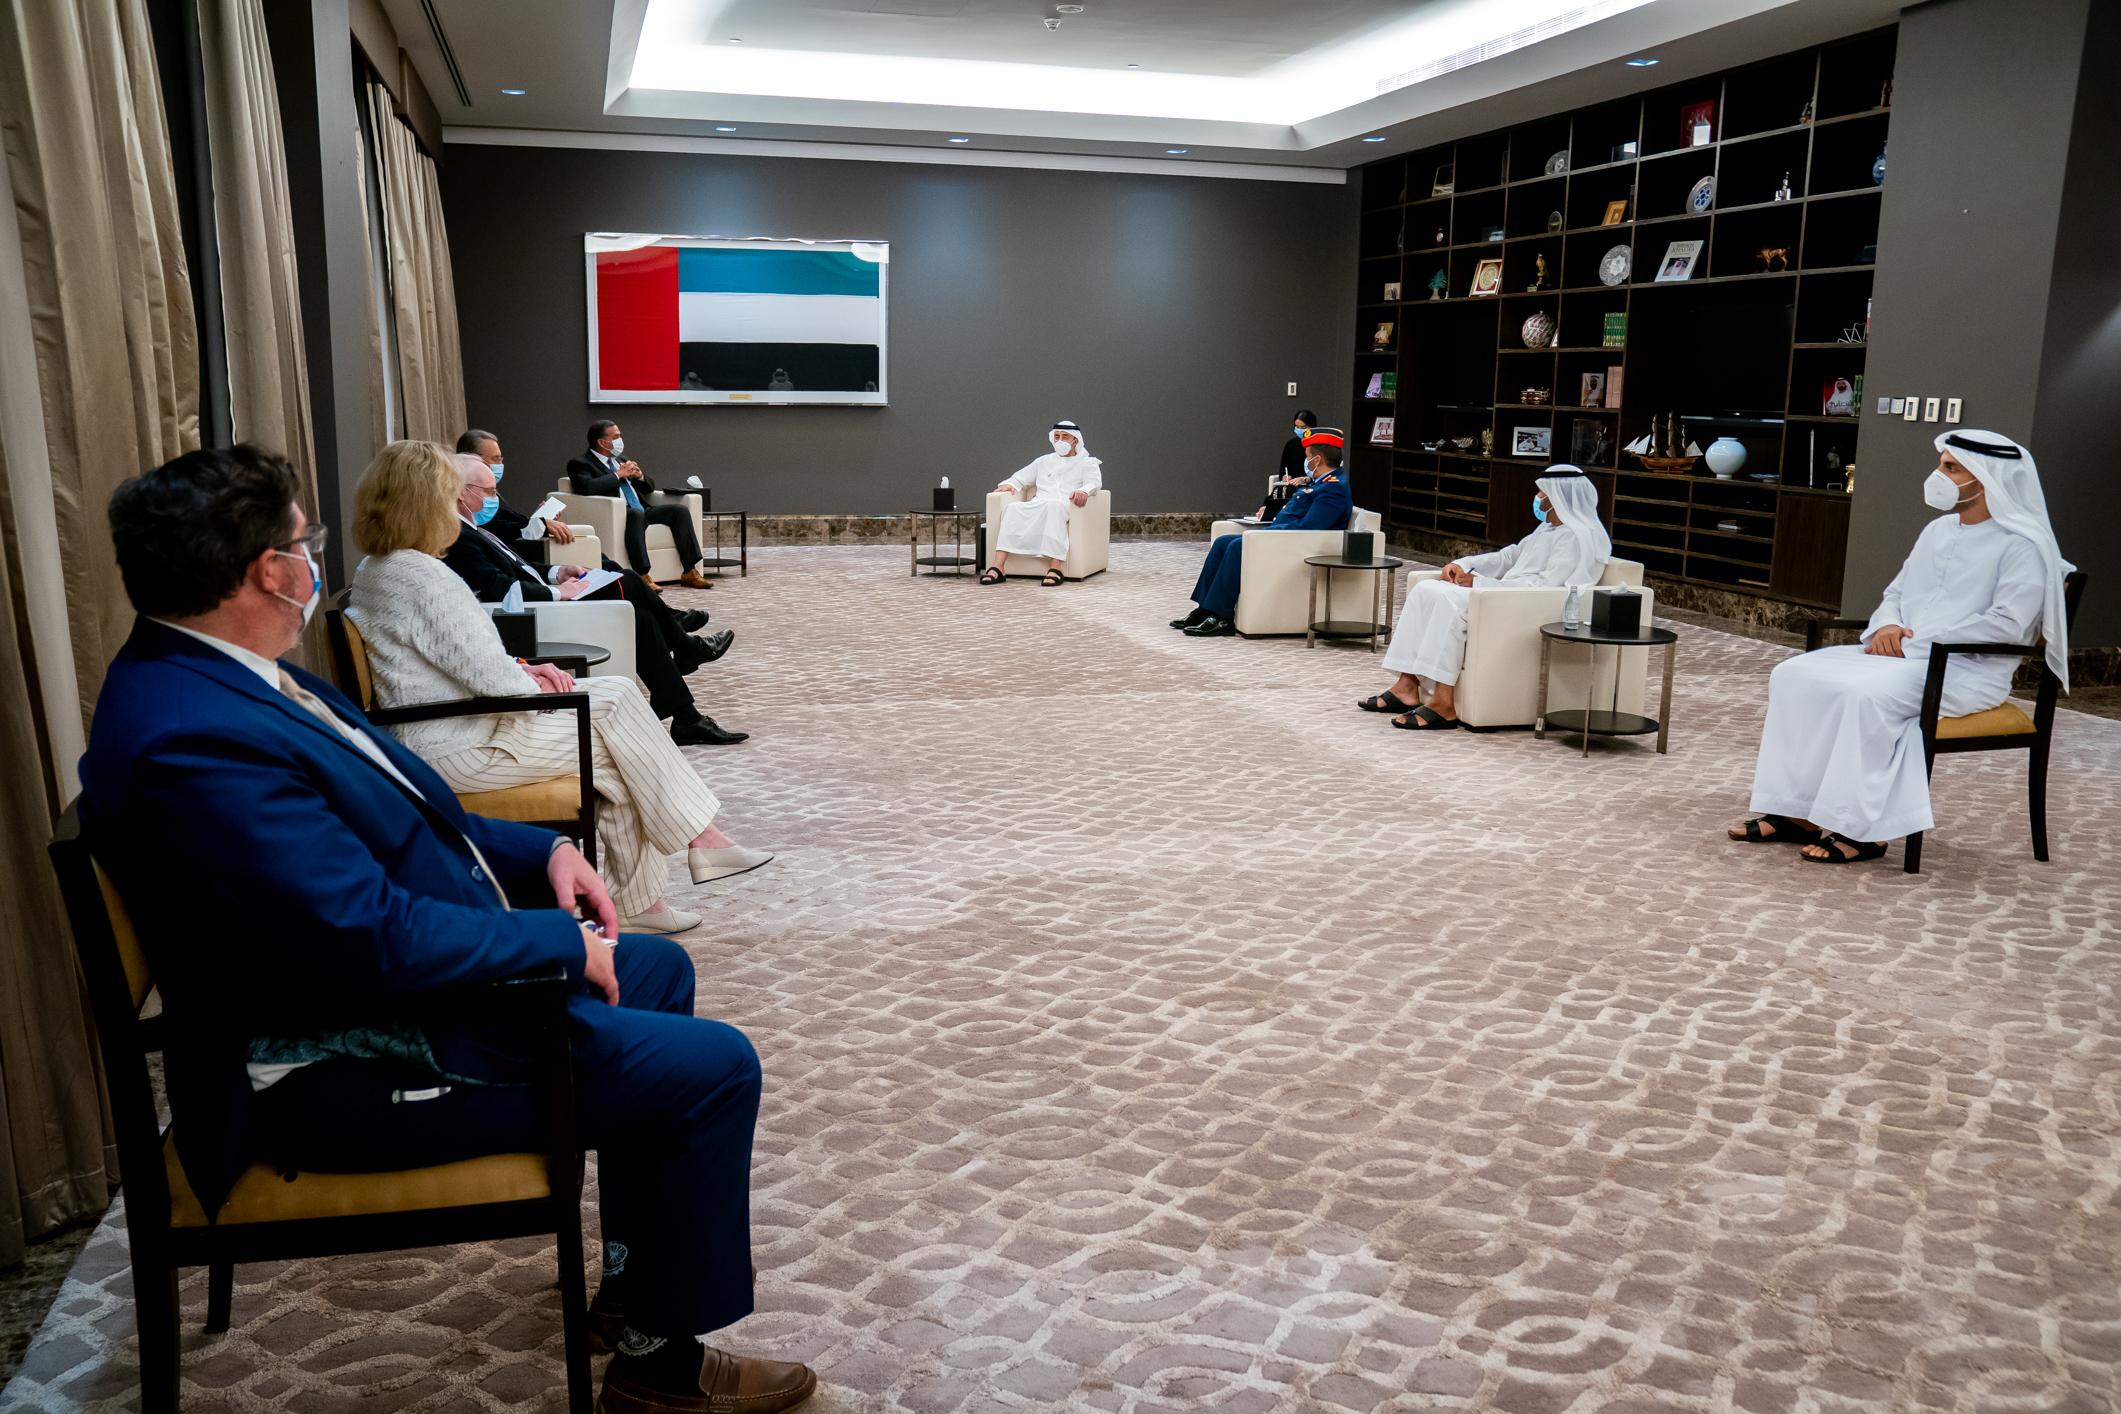 عبدالله بن زايد يستقبل مدير شؤون الخليج العربي والشرق الأوسط في مجلس الأمن الوطني بالبيت الأبيض